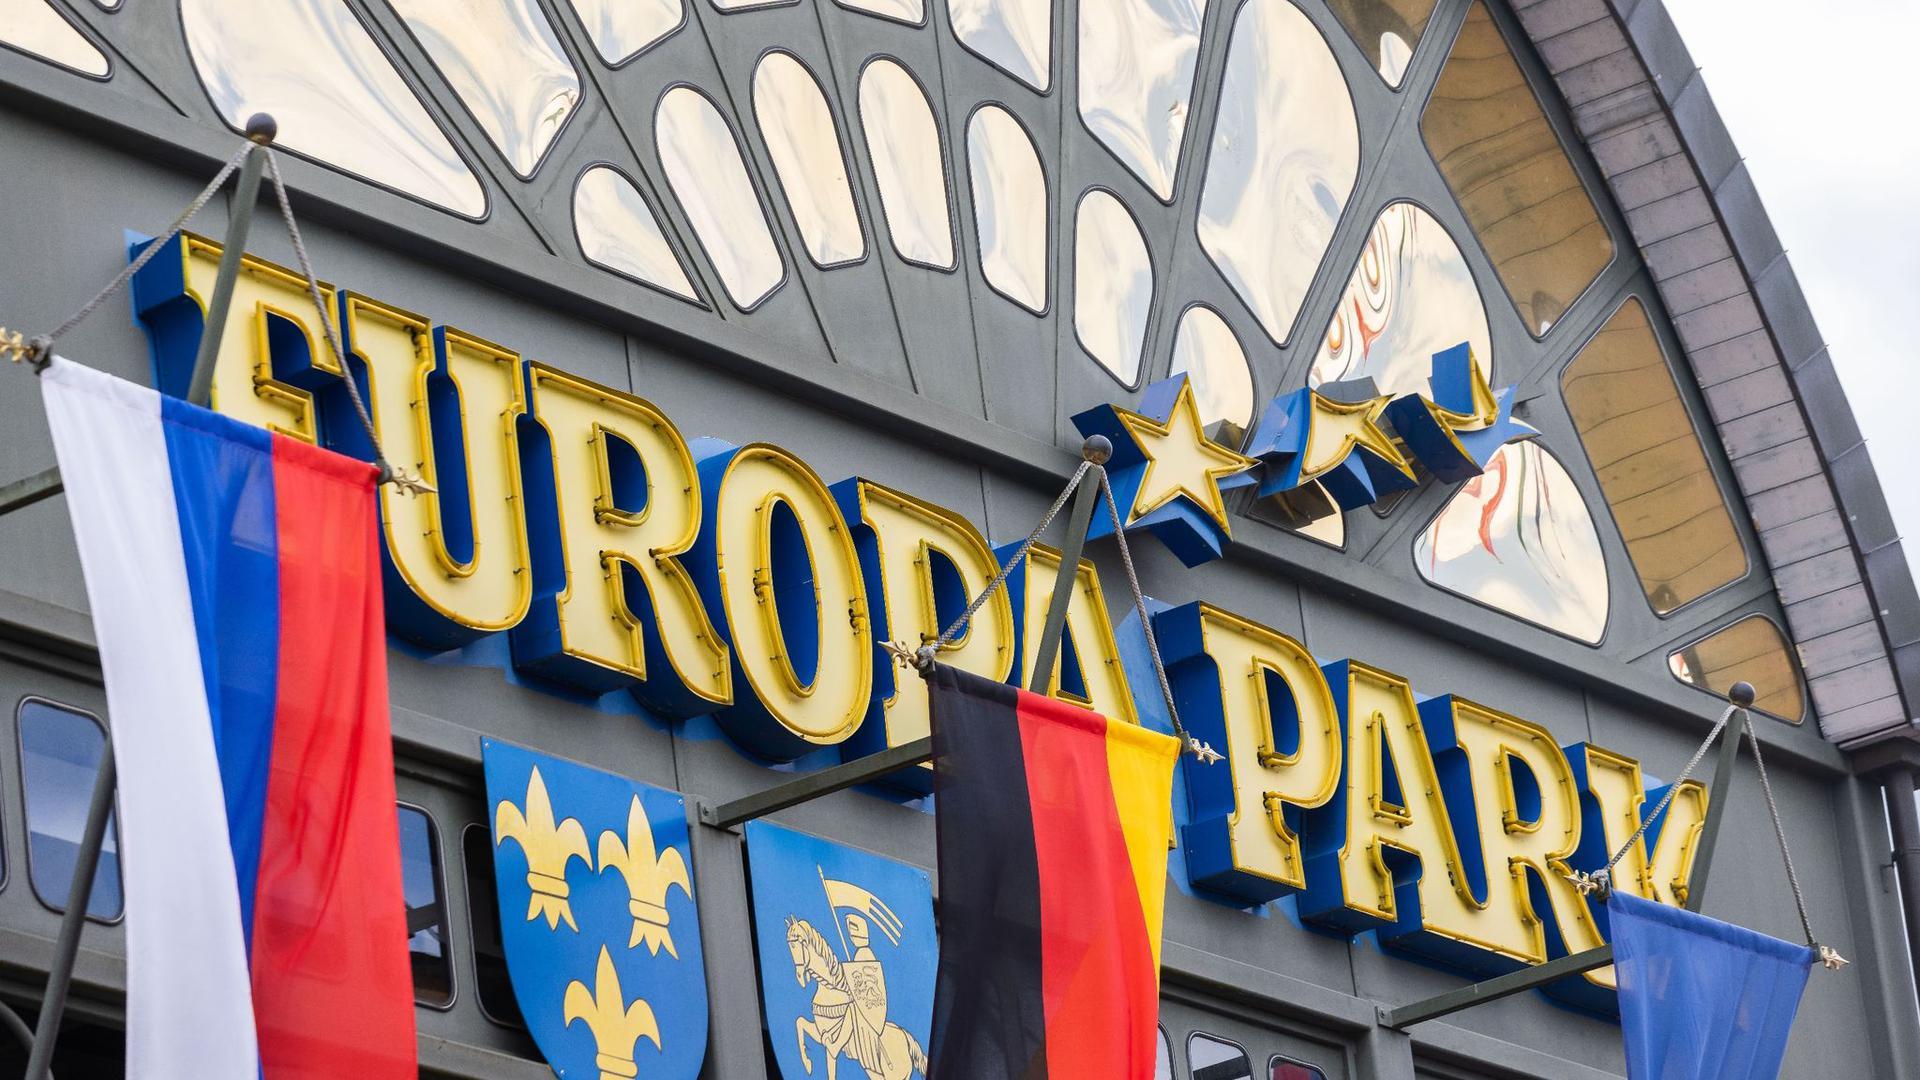 Ein Schriftzug mit dem Namen des Parks ist über dem Haupteingang des Europa-Parks zu sehen.